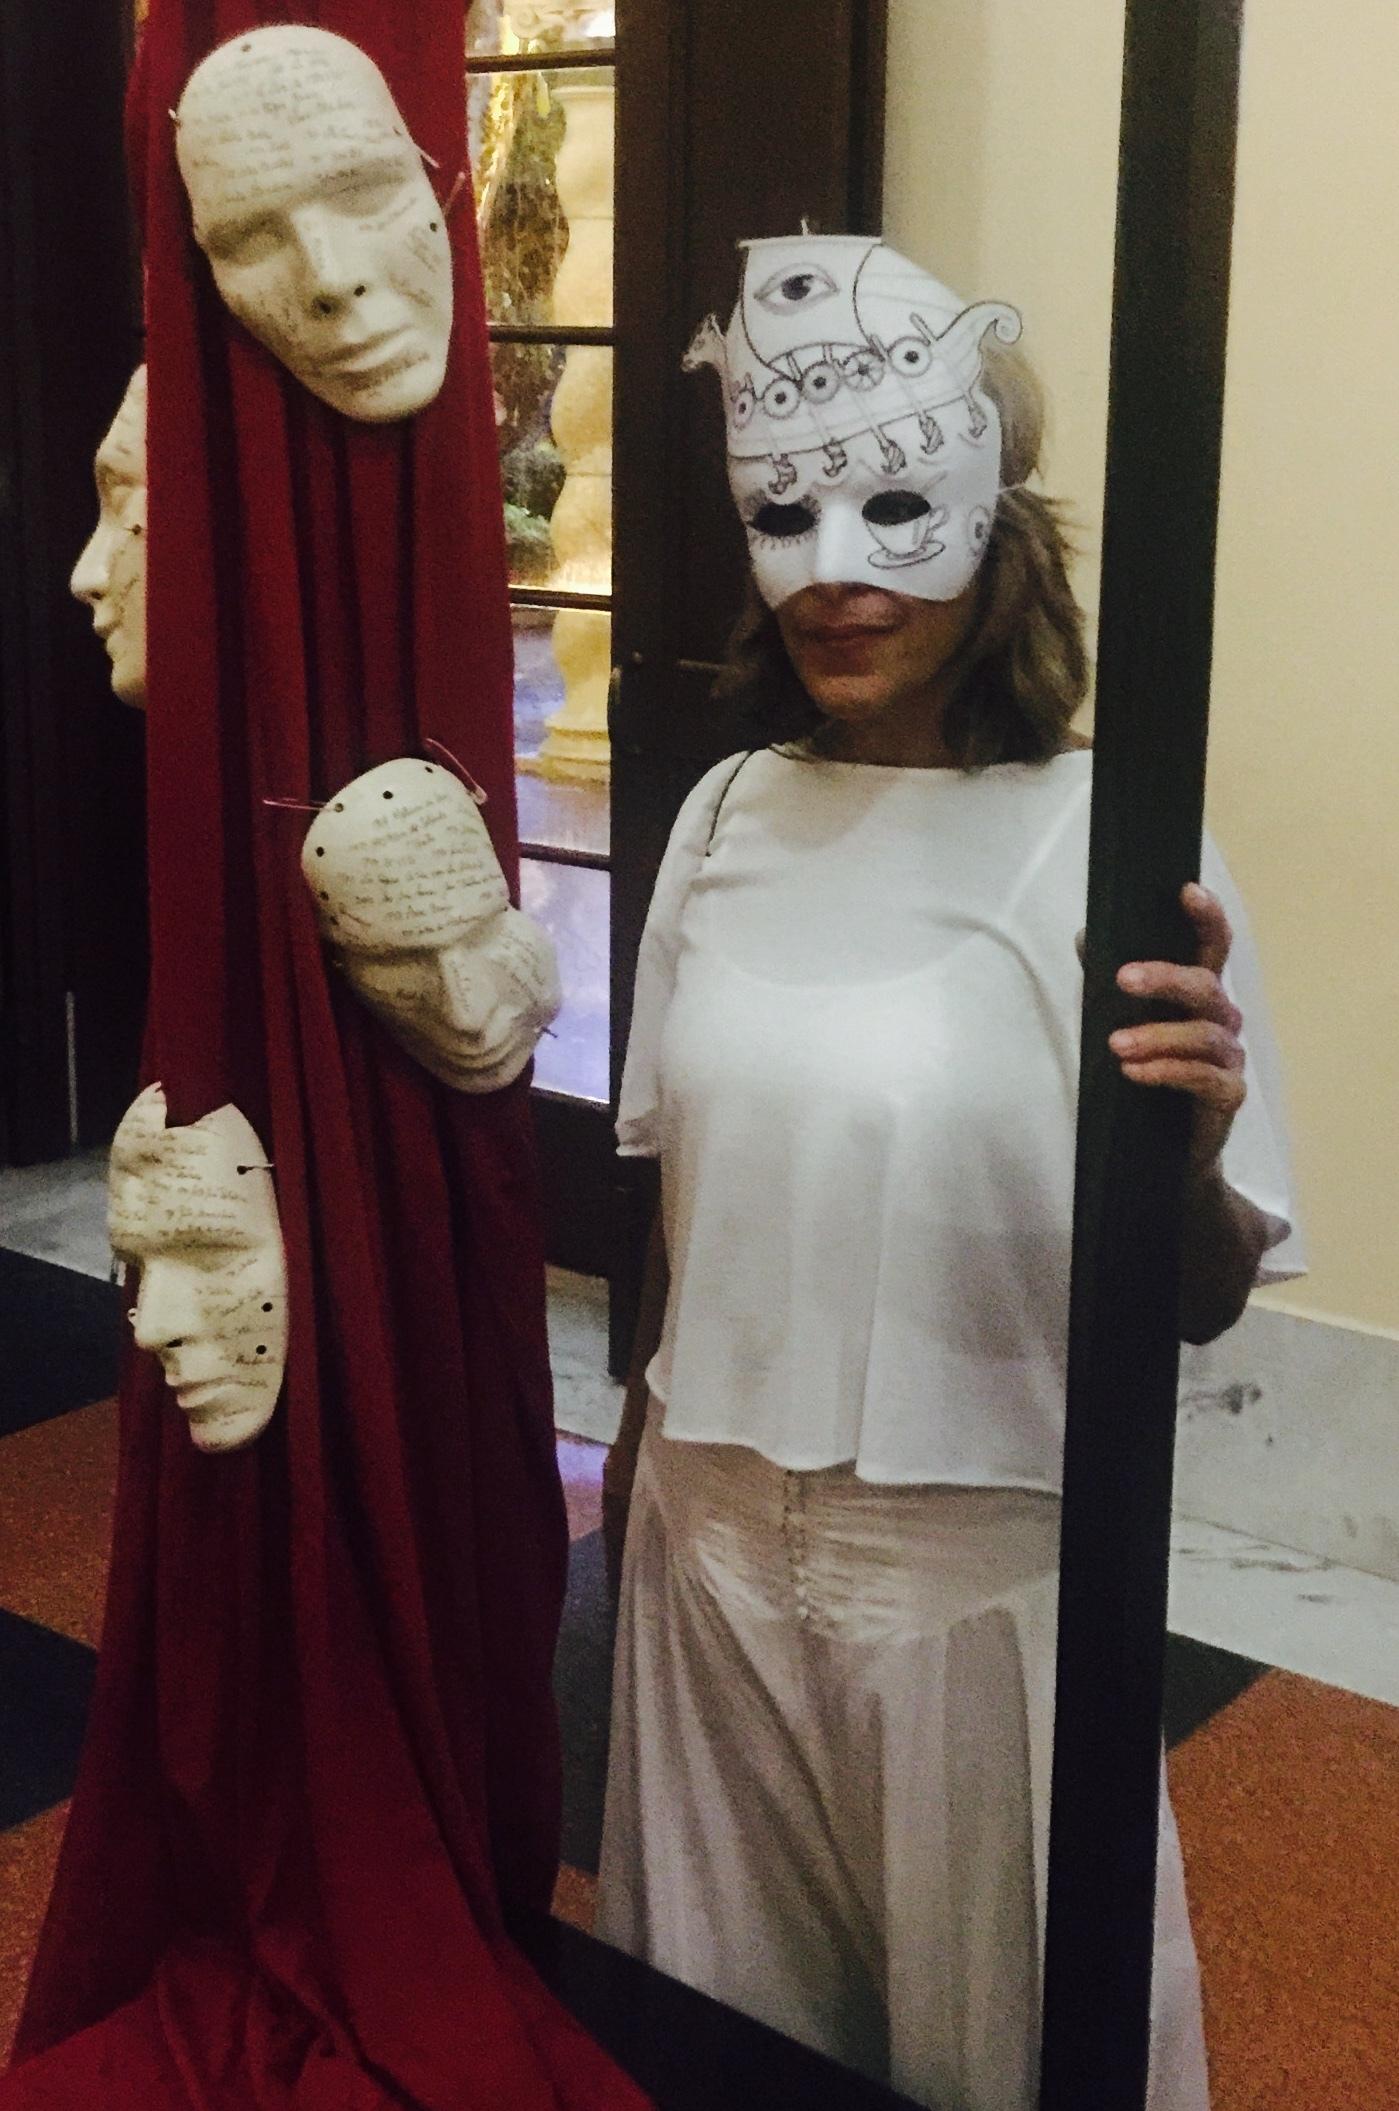 Las máscaras también fueron exhibidas en la antesala al homenaje póstumo. (Foto Alina Marrero para Fundación Nacional para la Cultura Popular)